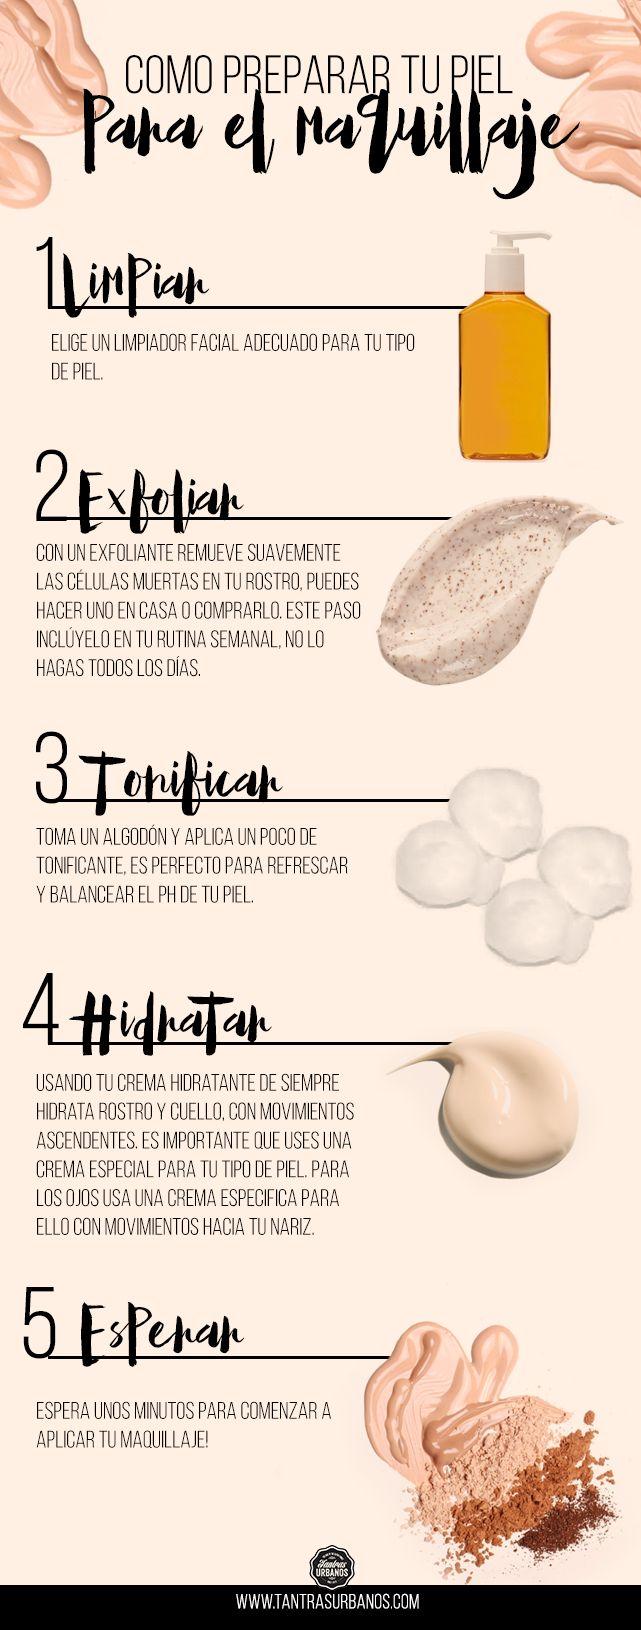 Tantras Urbanos - Cómo preparar la piel para el maquillaje